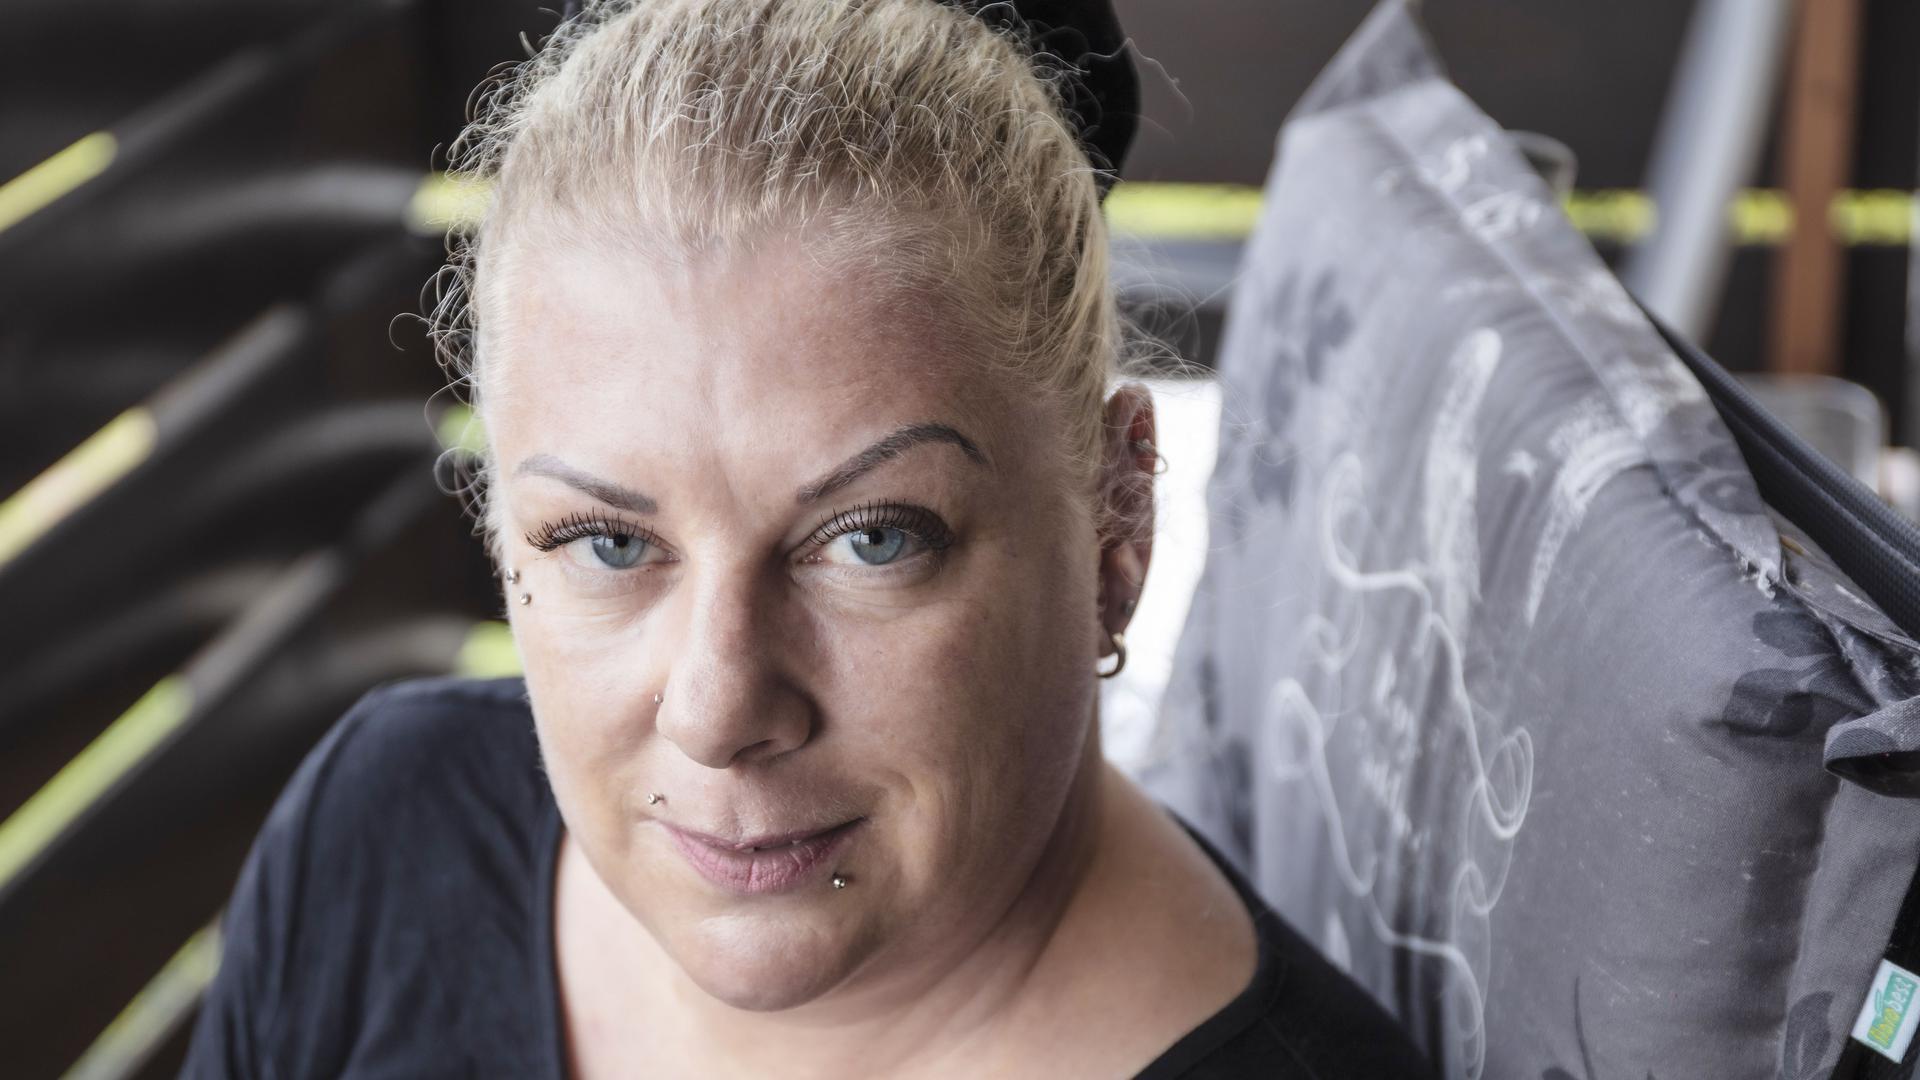 Kampf als Alleinerziehende: Tanja Hornung will mit ihrem Sohn finanziell unabhängig sein. Sie betreibt ein eigenes Nagel- und Kosmetikstudio in Rastatt.